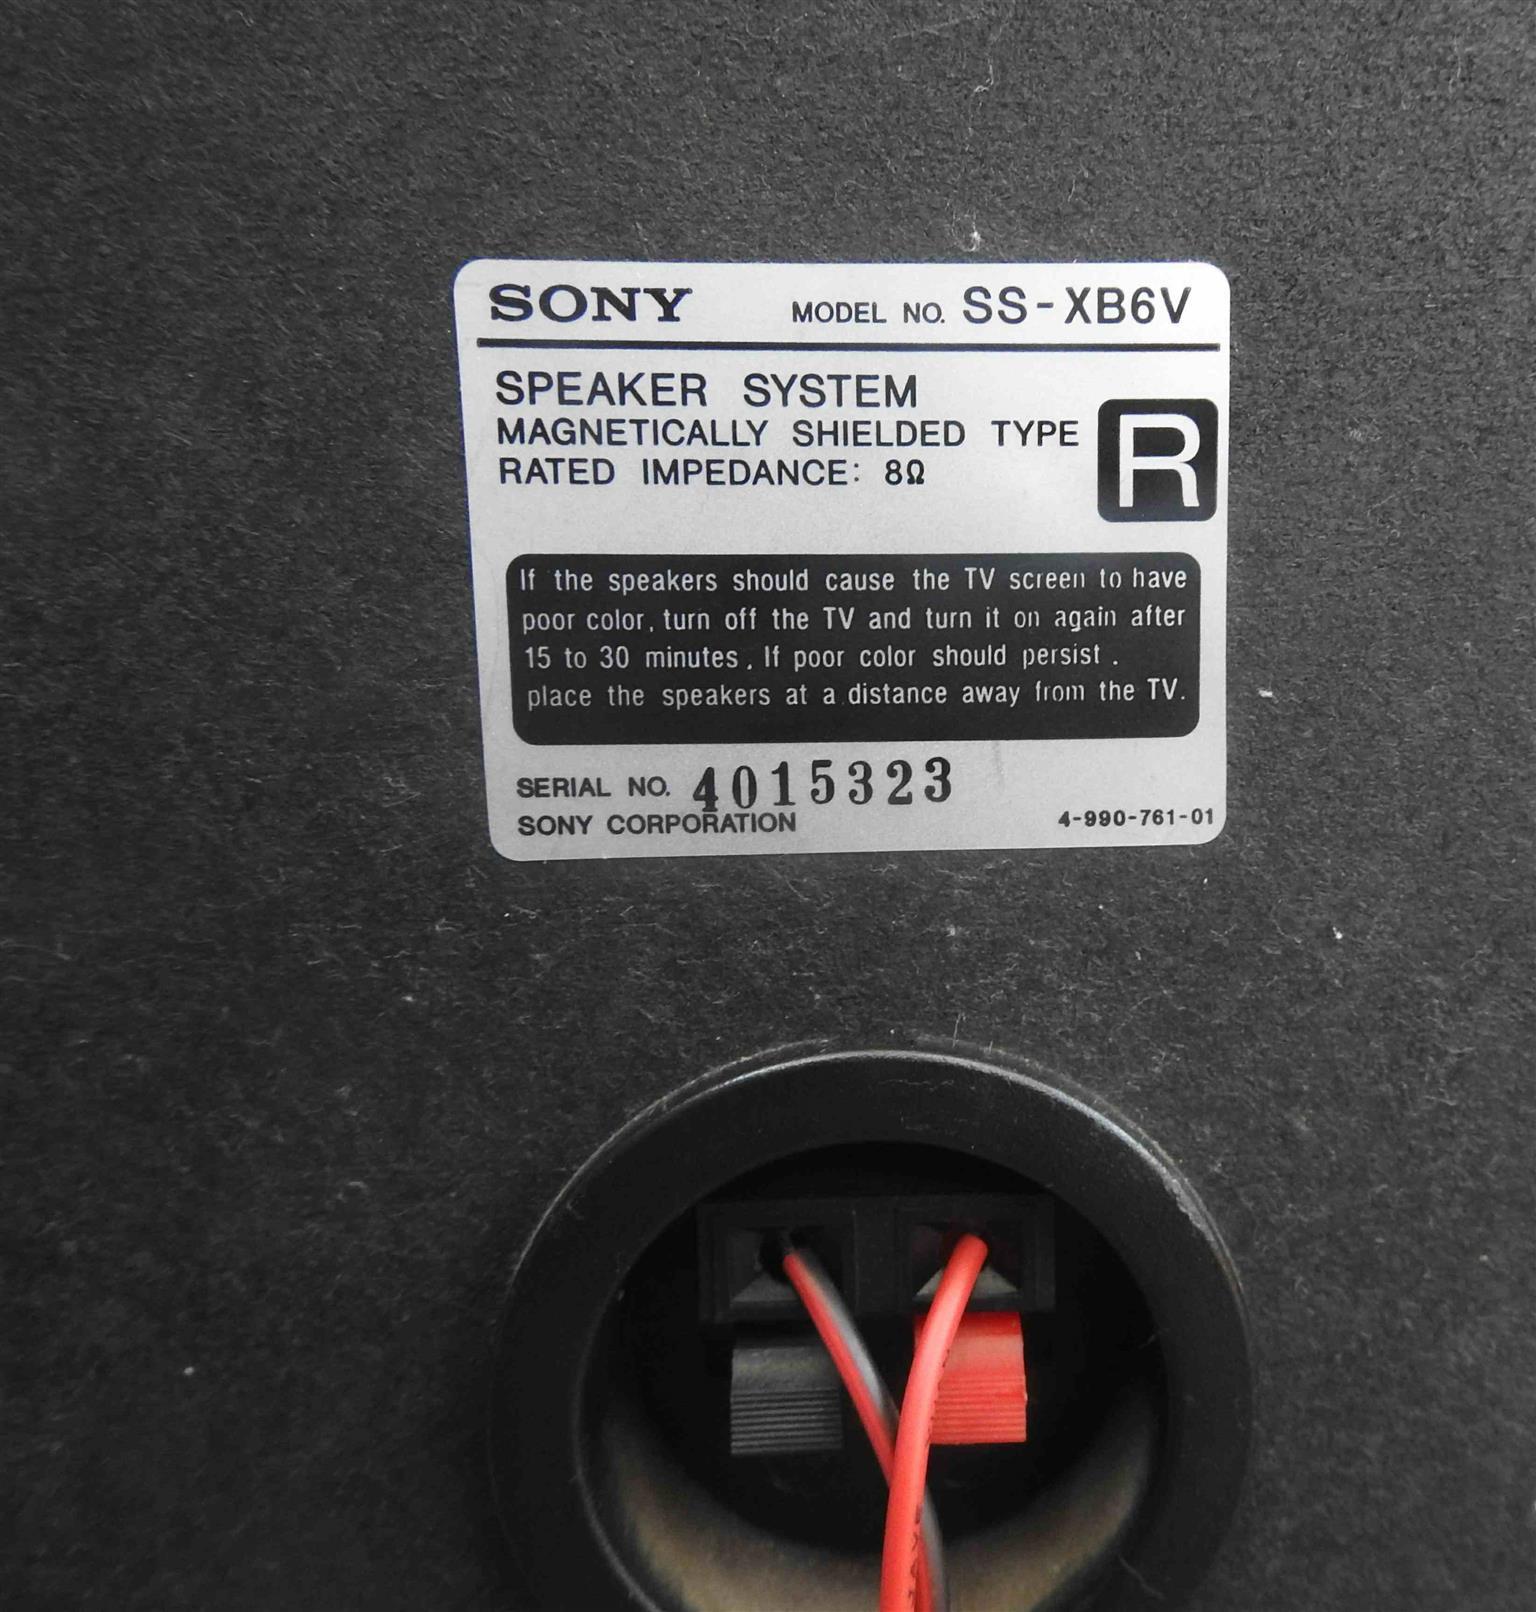 Sony HiFi speaker set used